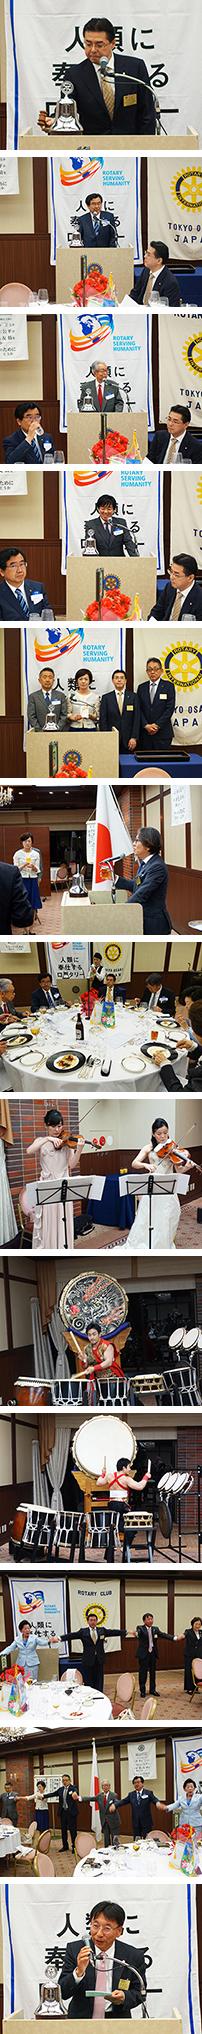 東京大崎RC創立32周年記念例会